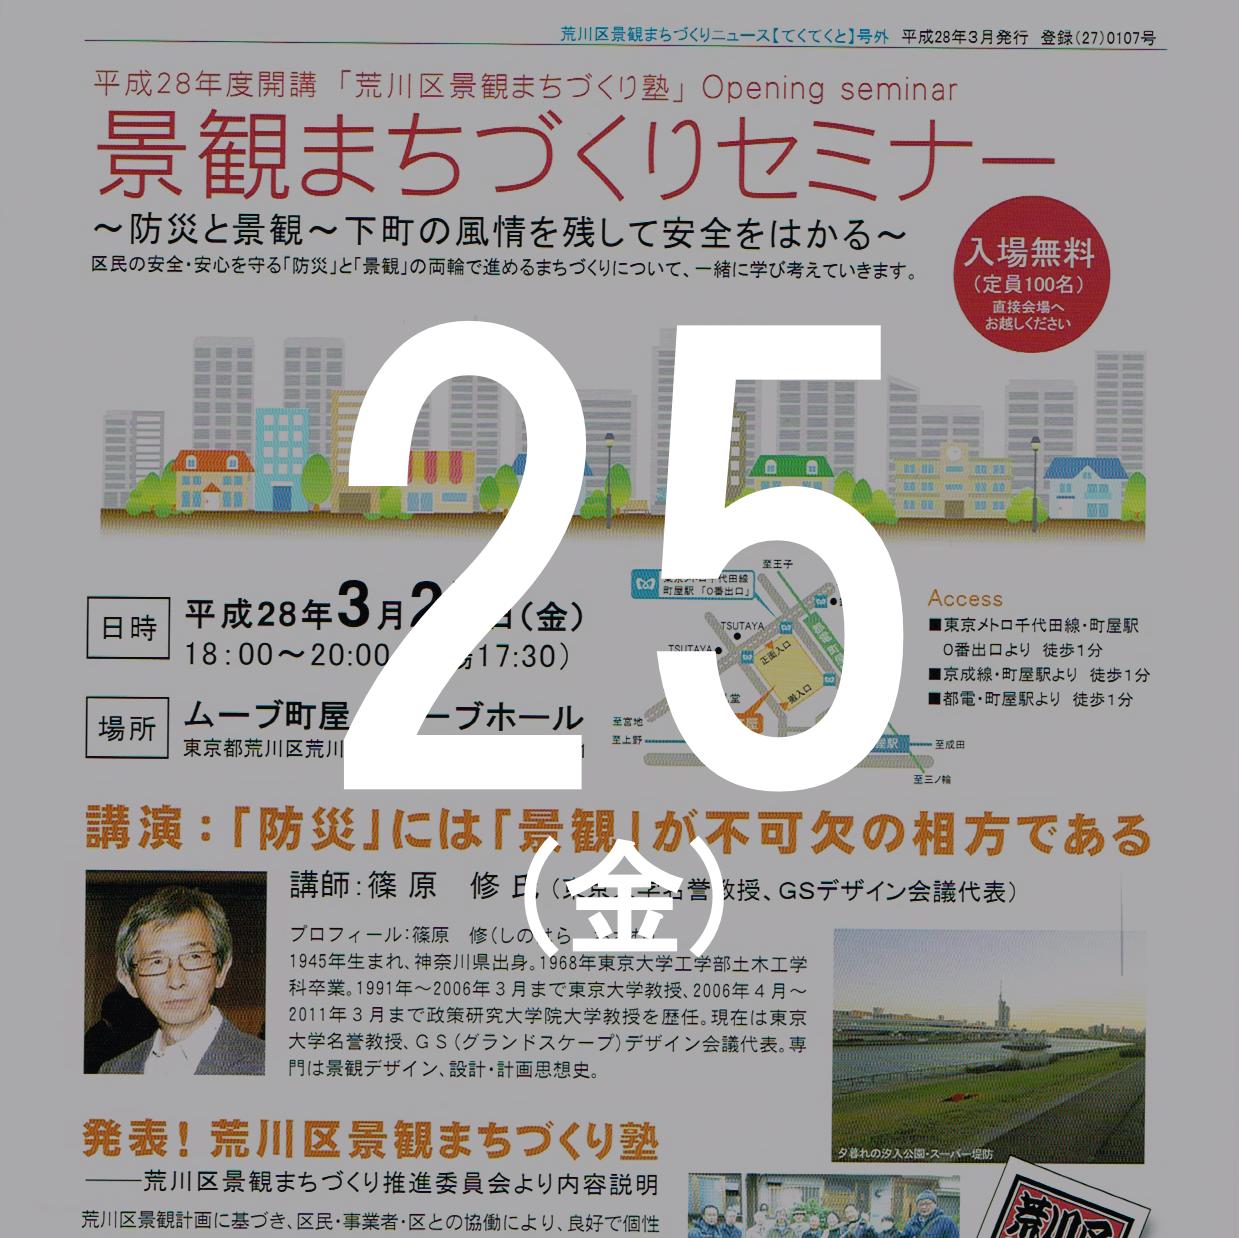 イベント情報 - (3月25日)景観まちづくりセミナー(荒川区景観まちづくり塾オープニングセミナー)@ムーブ町屋